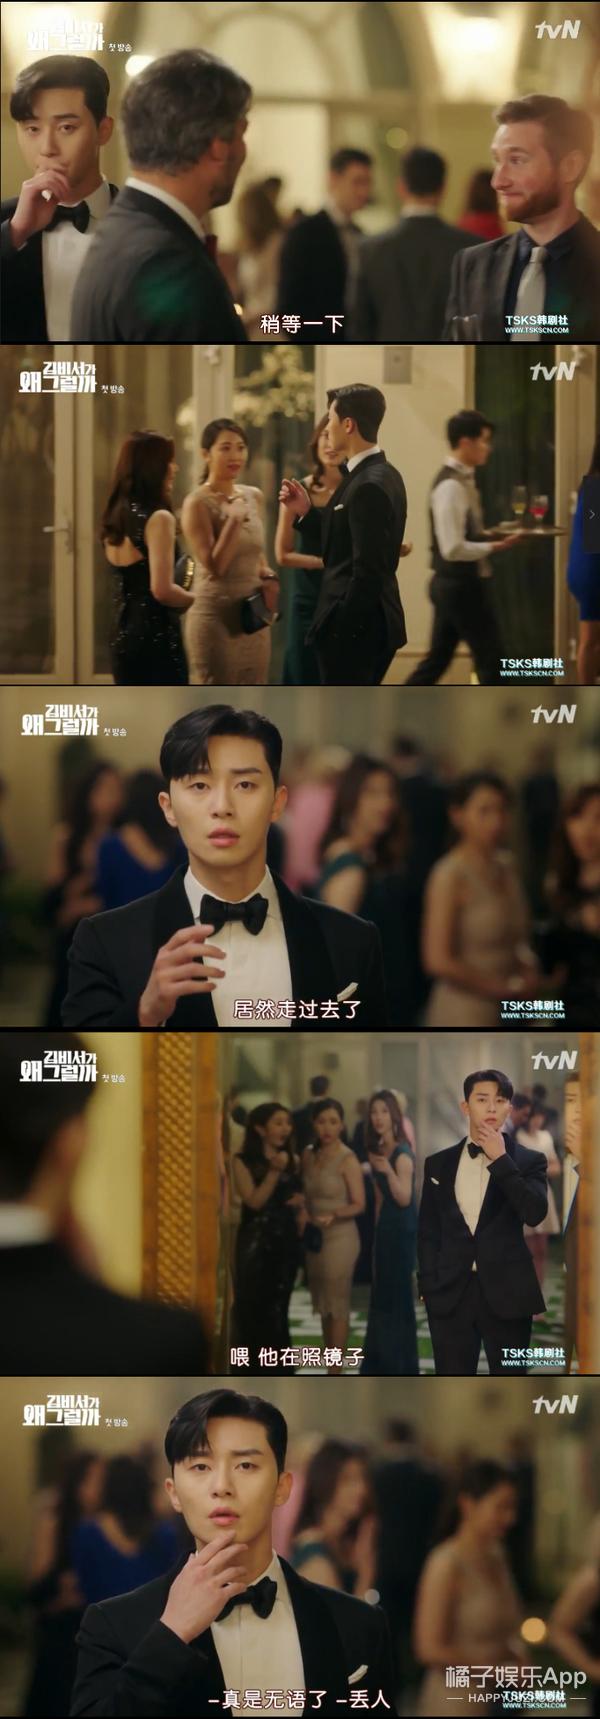 比谢晓飞还自恋装13的男主出现了,本季最好笑的韩剧在这了